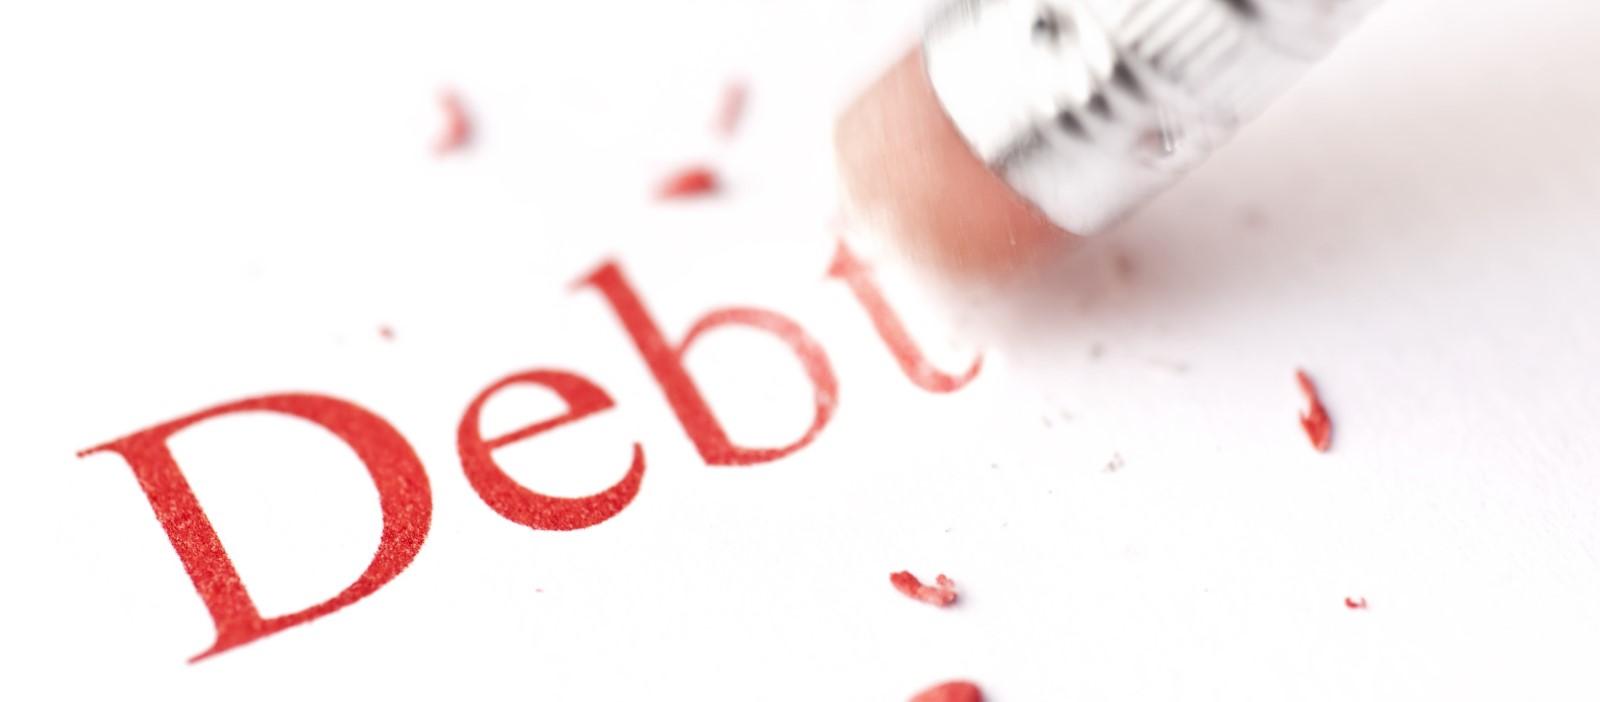 Nợ nước ngoài của doanh nghiệp tăng đột biến khiến nợ quốc gia tăng nhanh